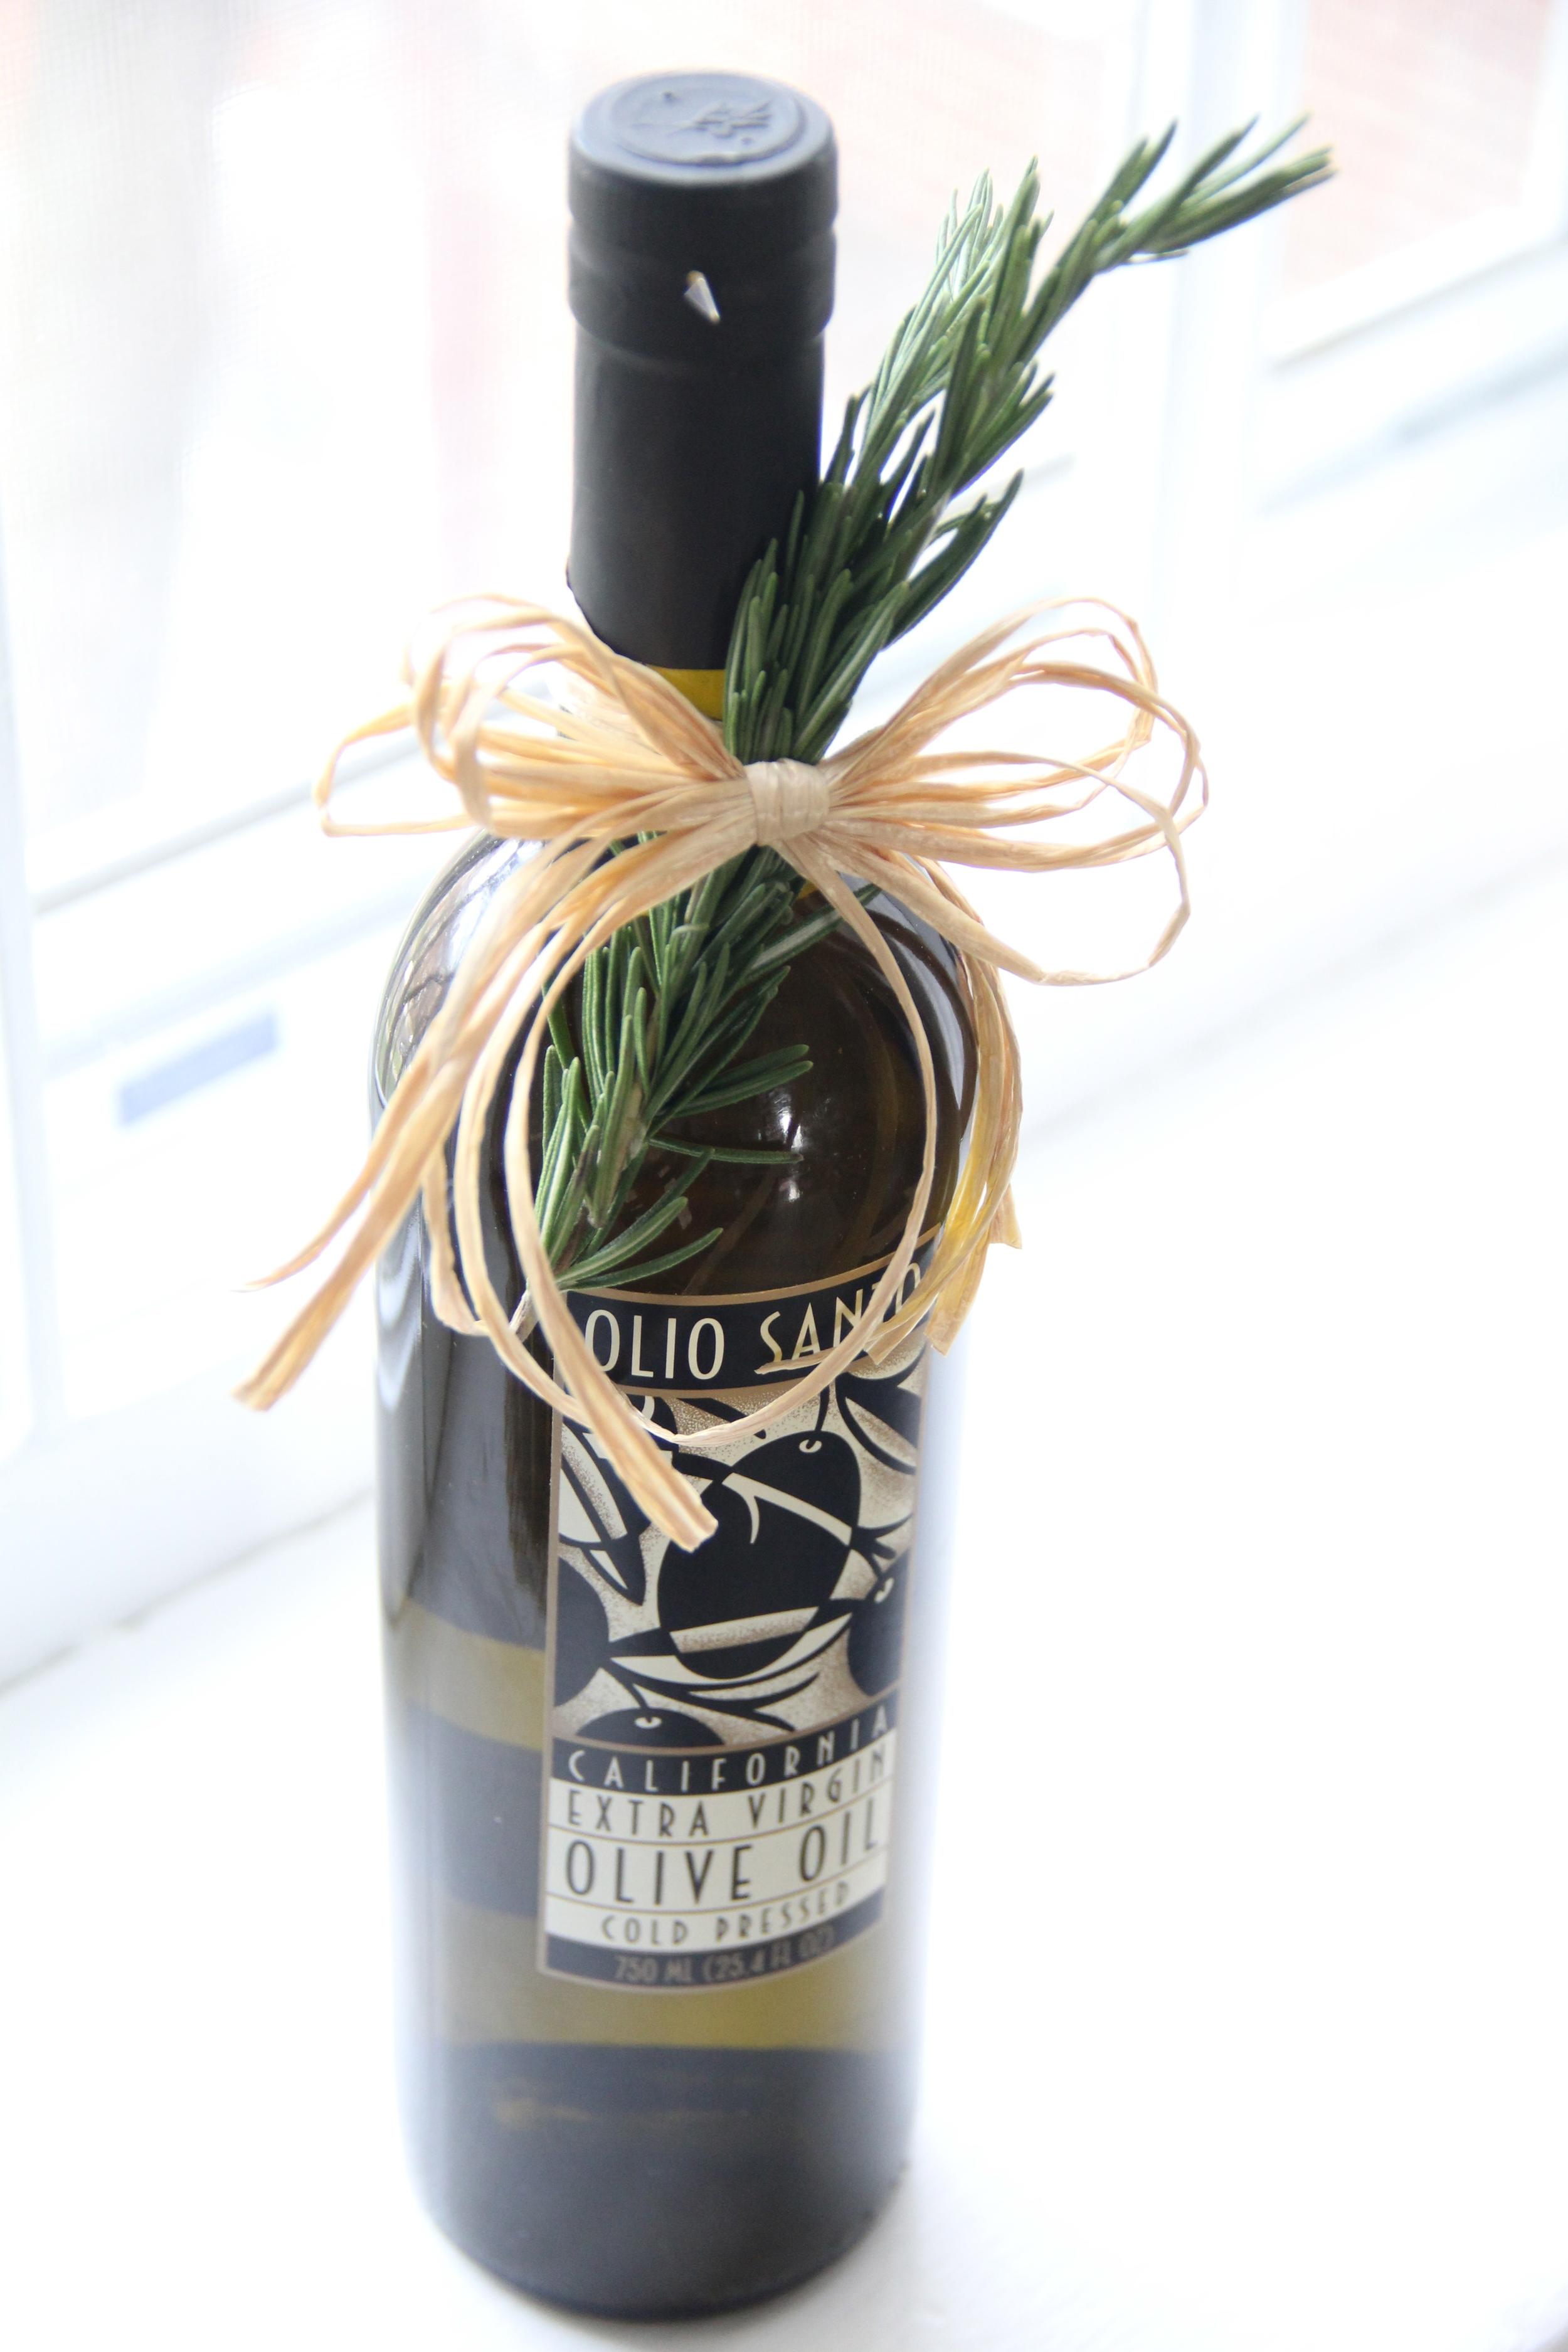 Olio Santo Olive Oil.jpg